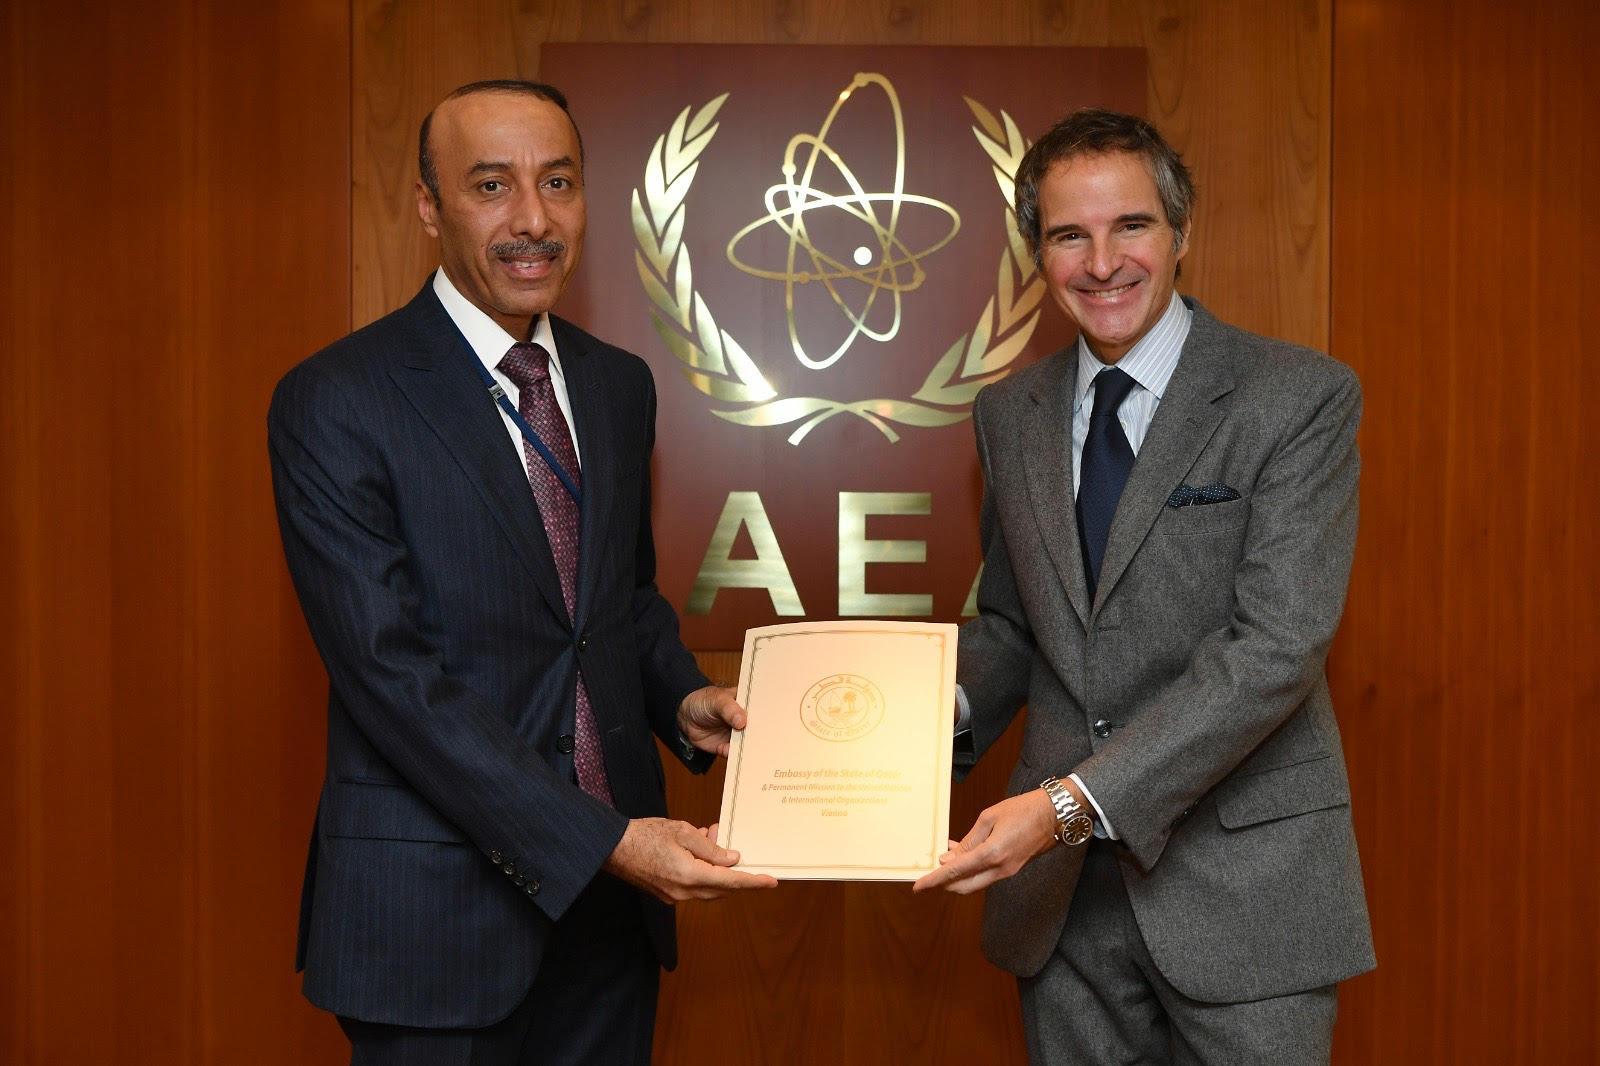 قطر تنضم لاتفاقية الأمان النووي لدى الوكالة الدولية للطاقة الذرية